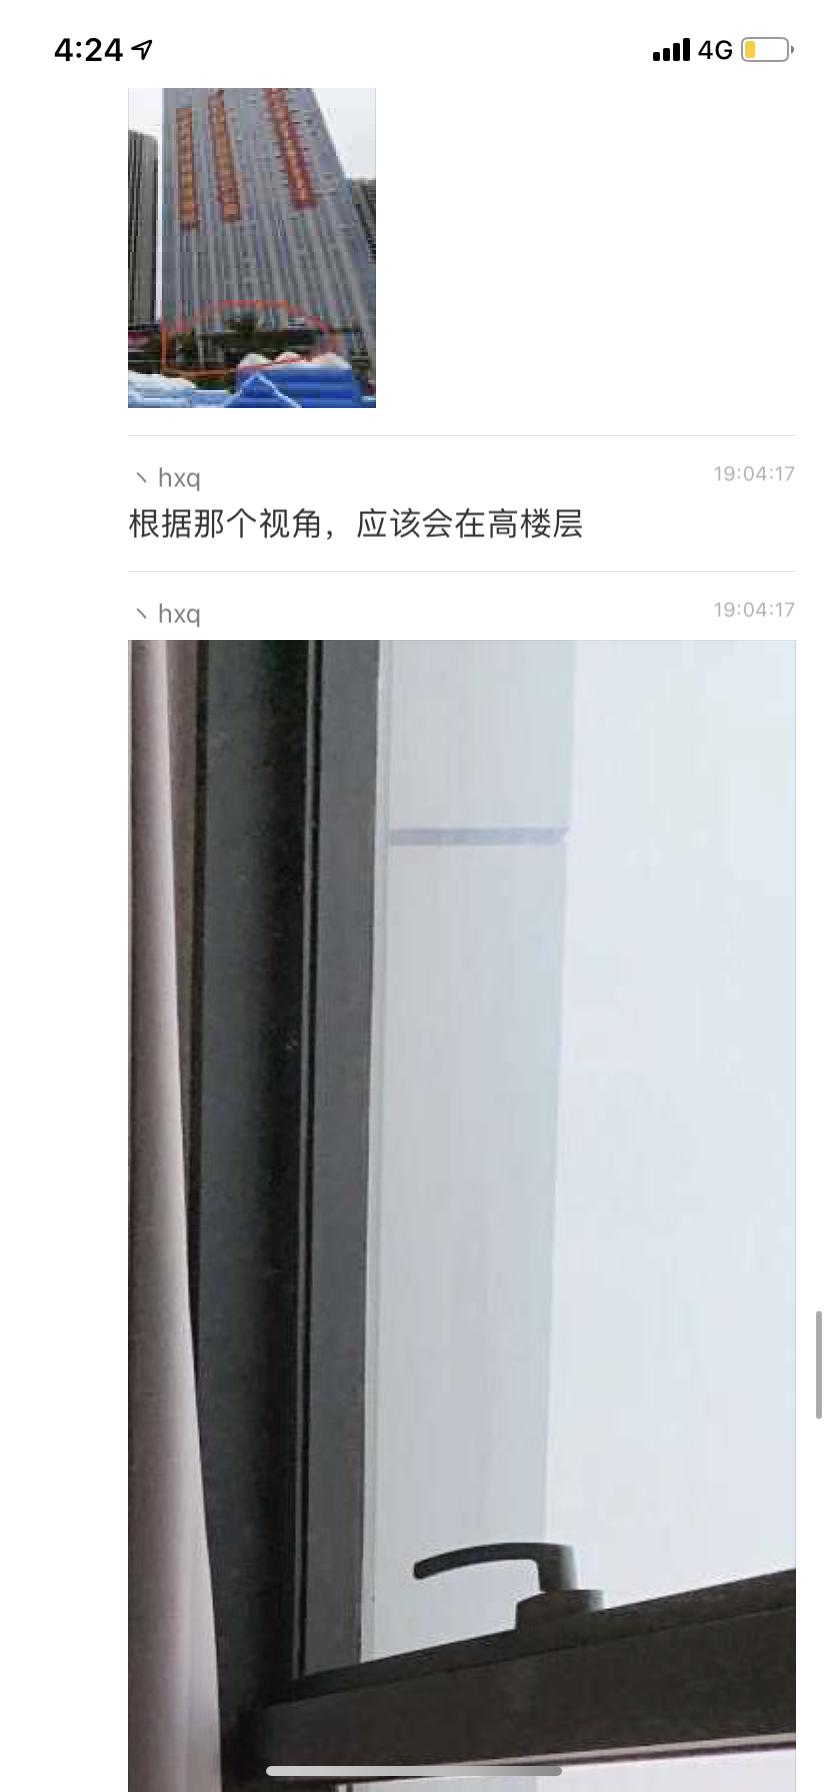 """福利姬""""快点亲亲我吖""""拍照秀美图被侦查破解住址!-sao-『游乐宫』Youlegong.com 第14张"""